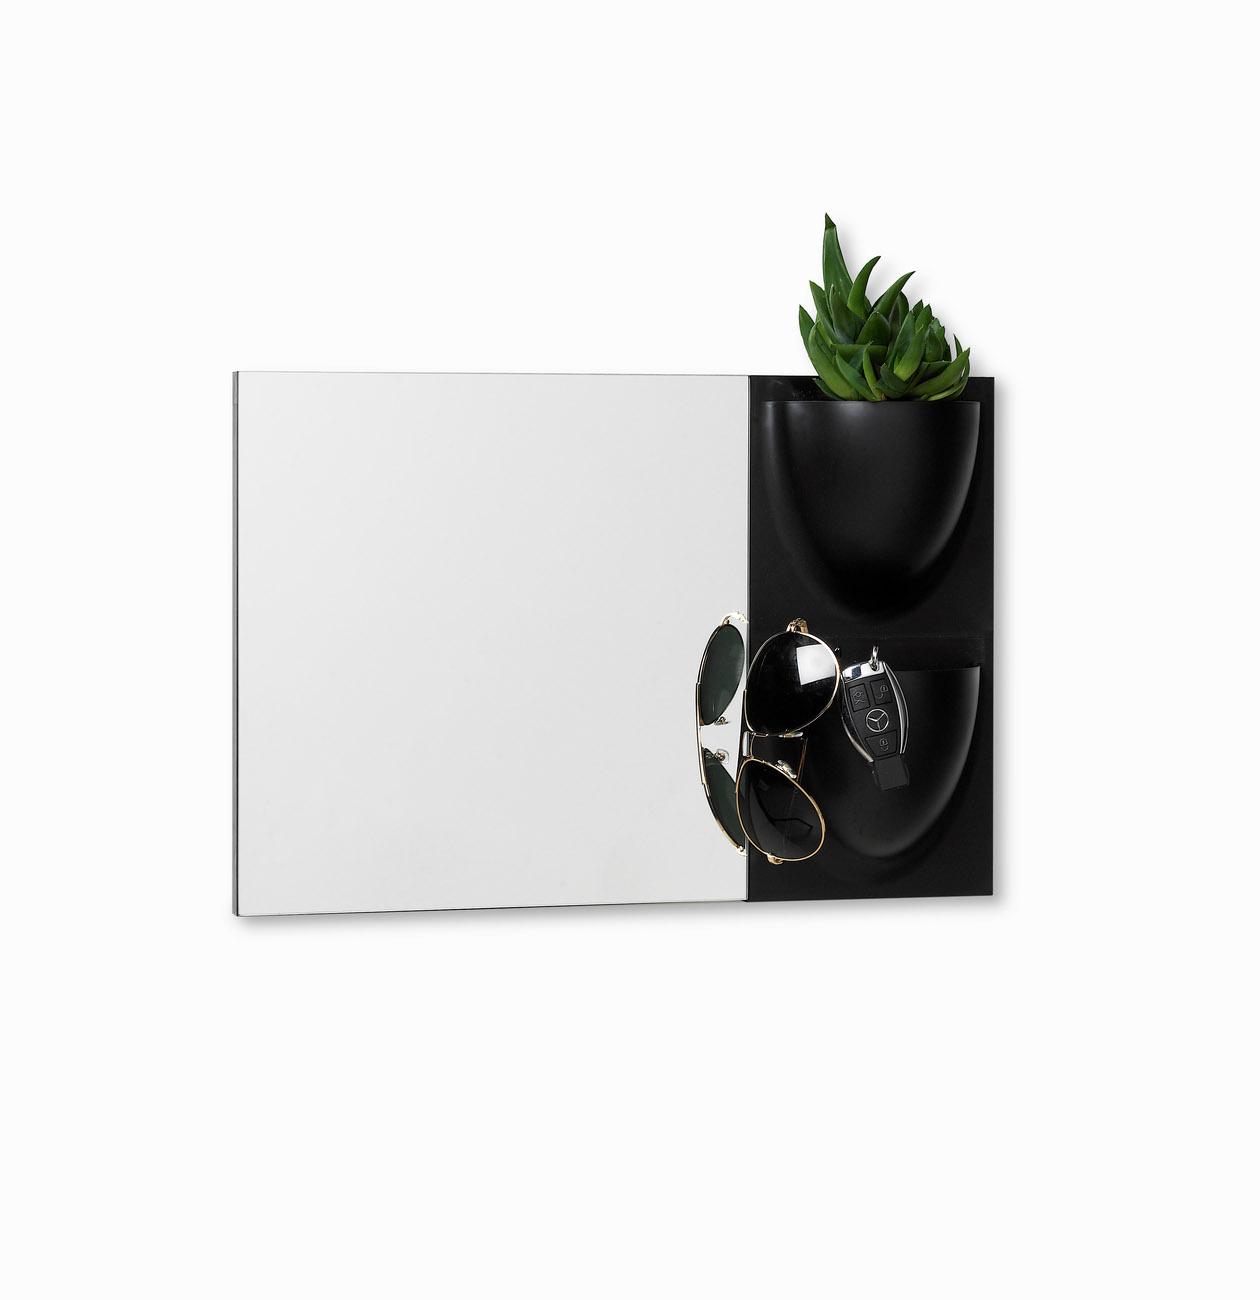 Mirror and wallpots from Verti Copenhagen